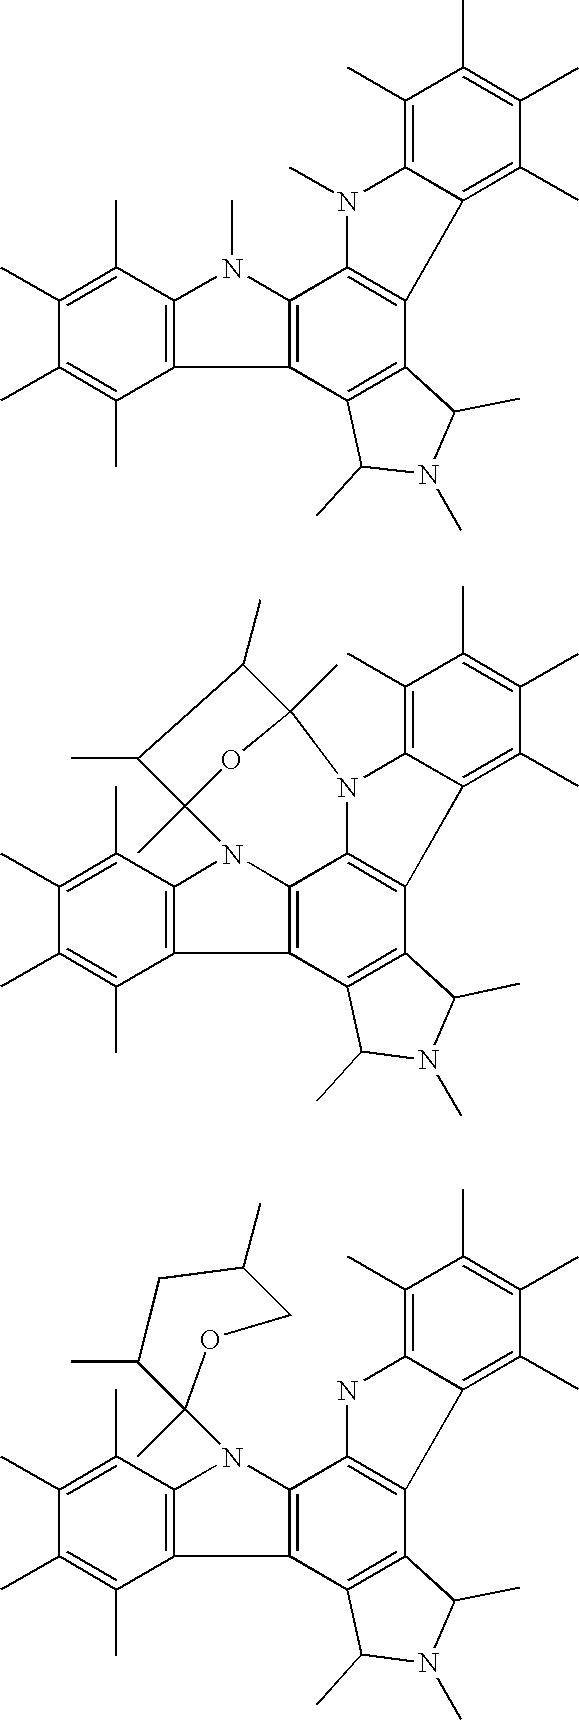 Figure US20060045900A1-20060302-C00002